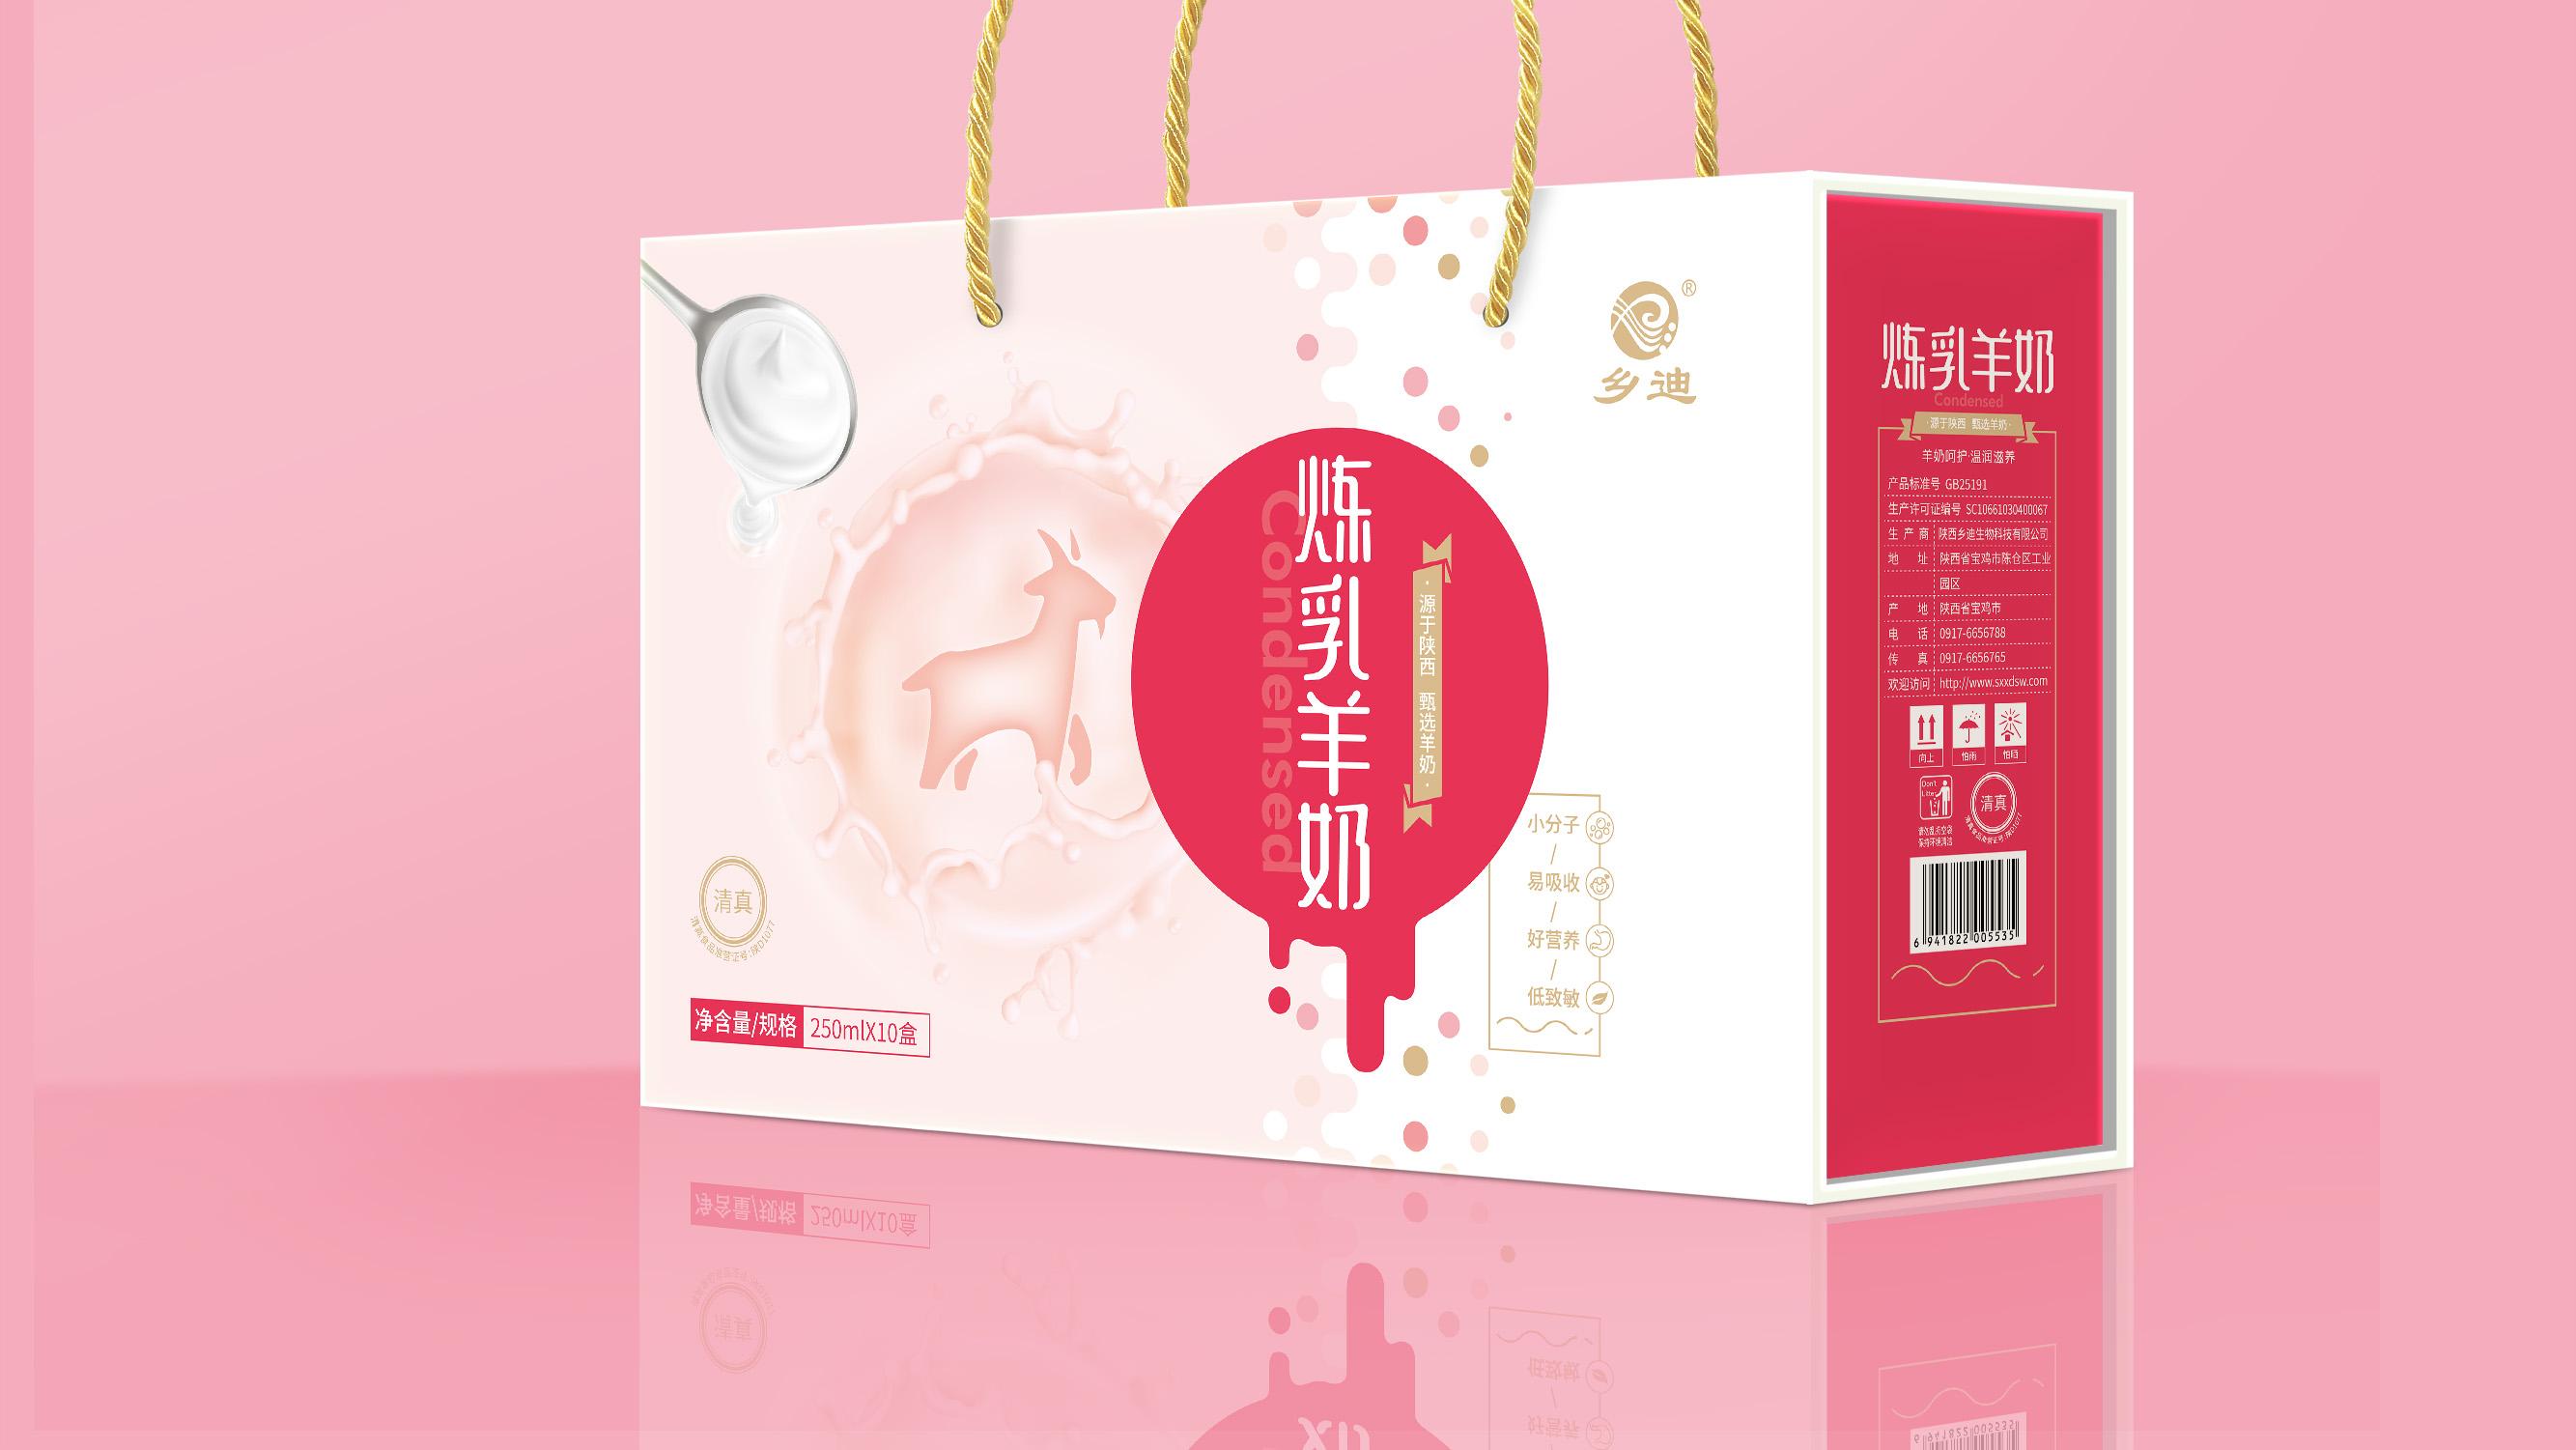 产品飞机箱彩纸箱销售运输搬家打包箱包装设计免费修改包装箱设计